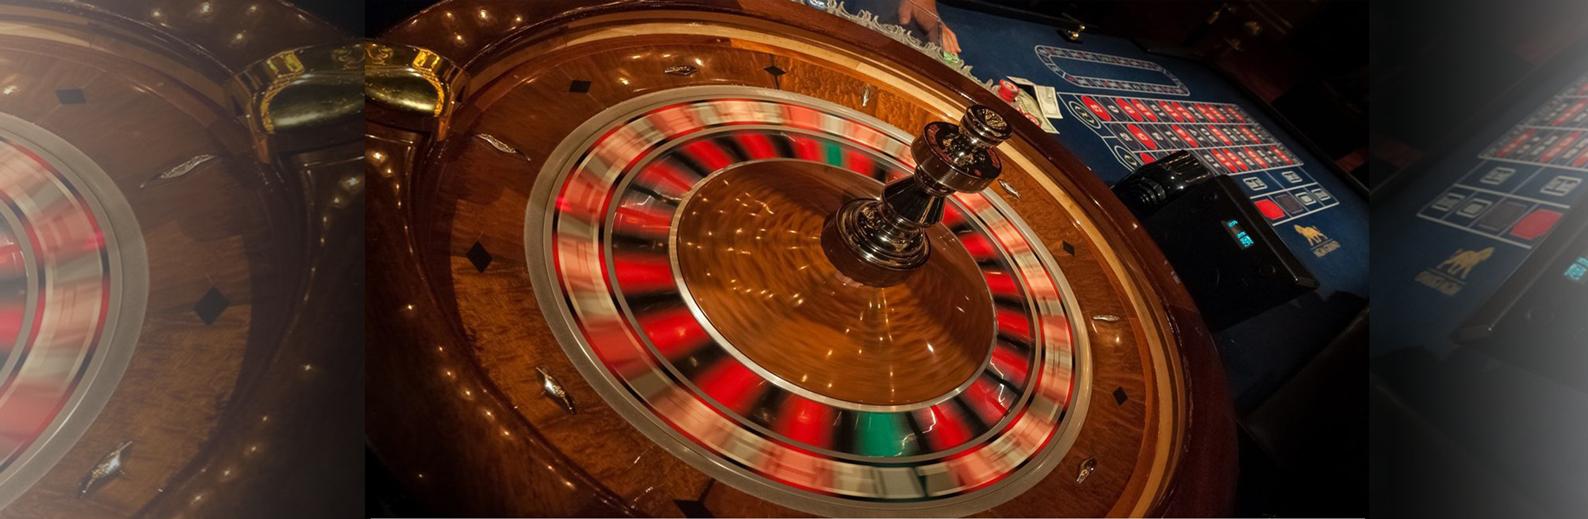 Ruletė online žaidimas internete - casino rulete